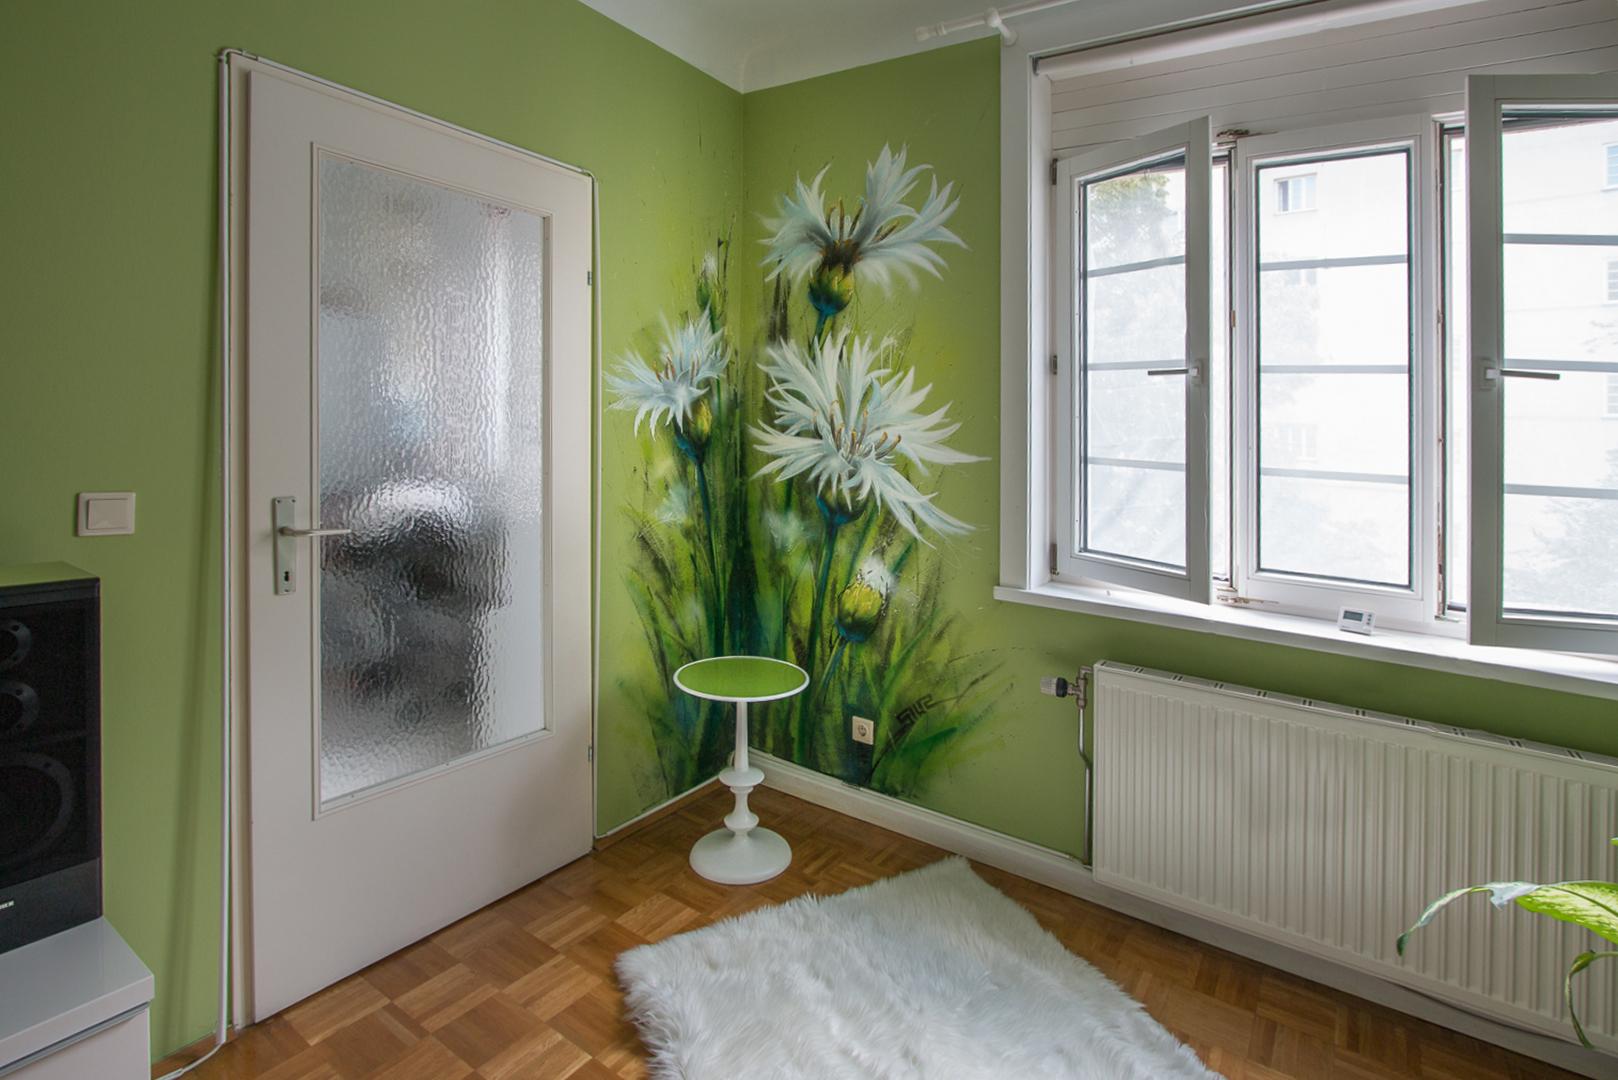 Blumenwiese im Wohnzimmer - SIUZ